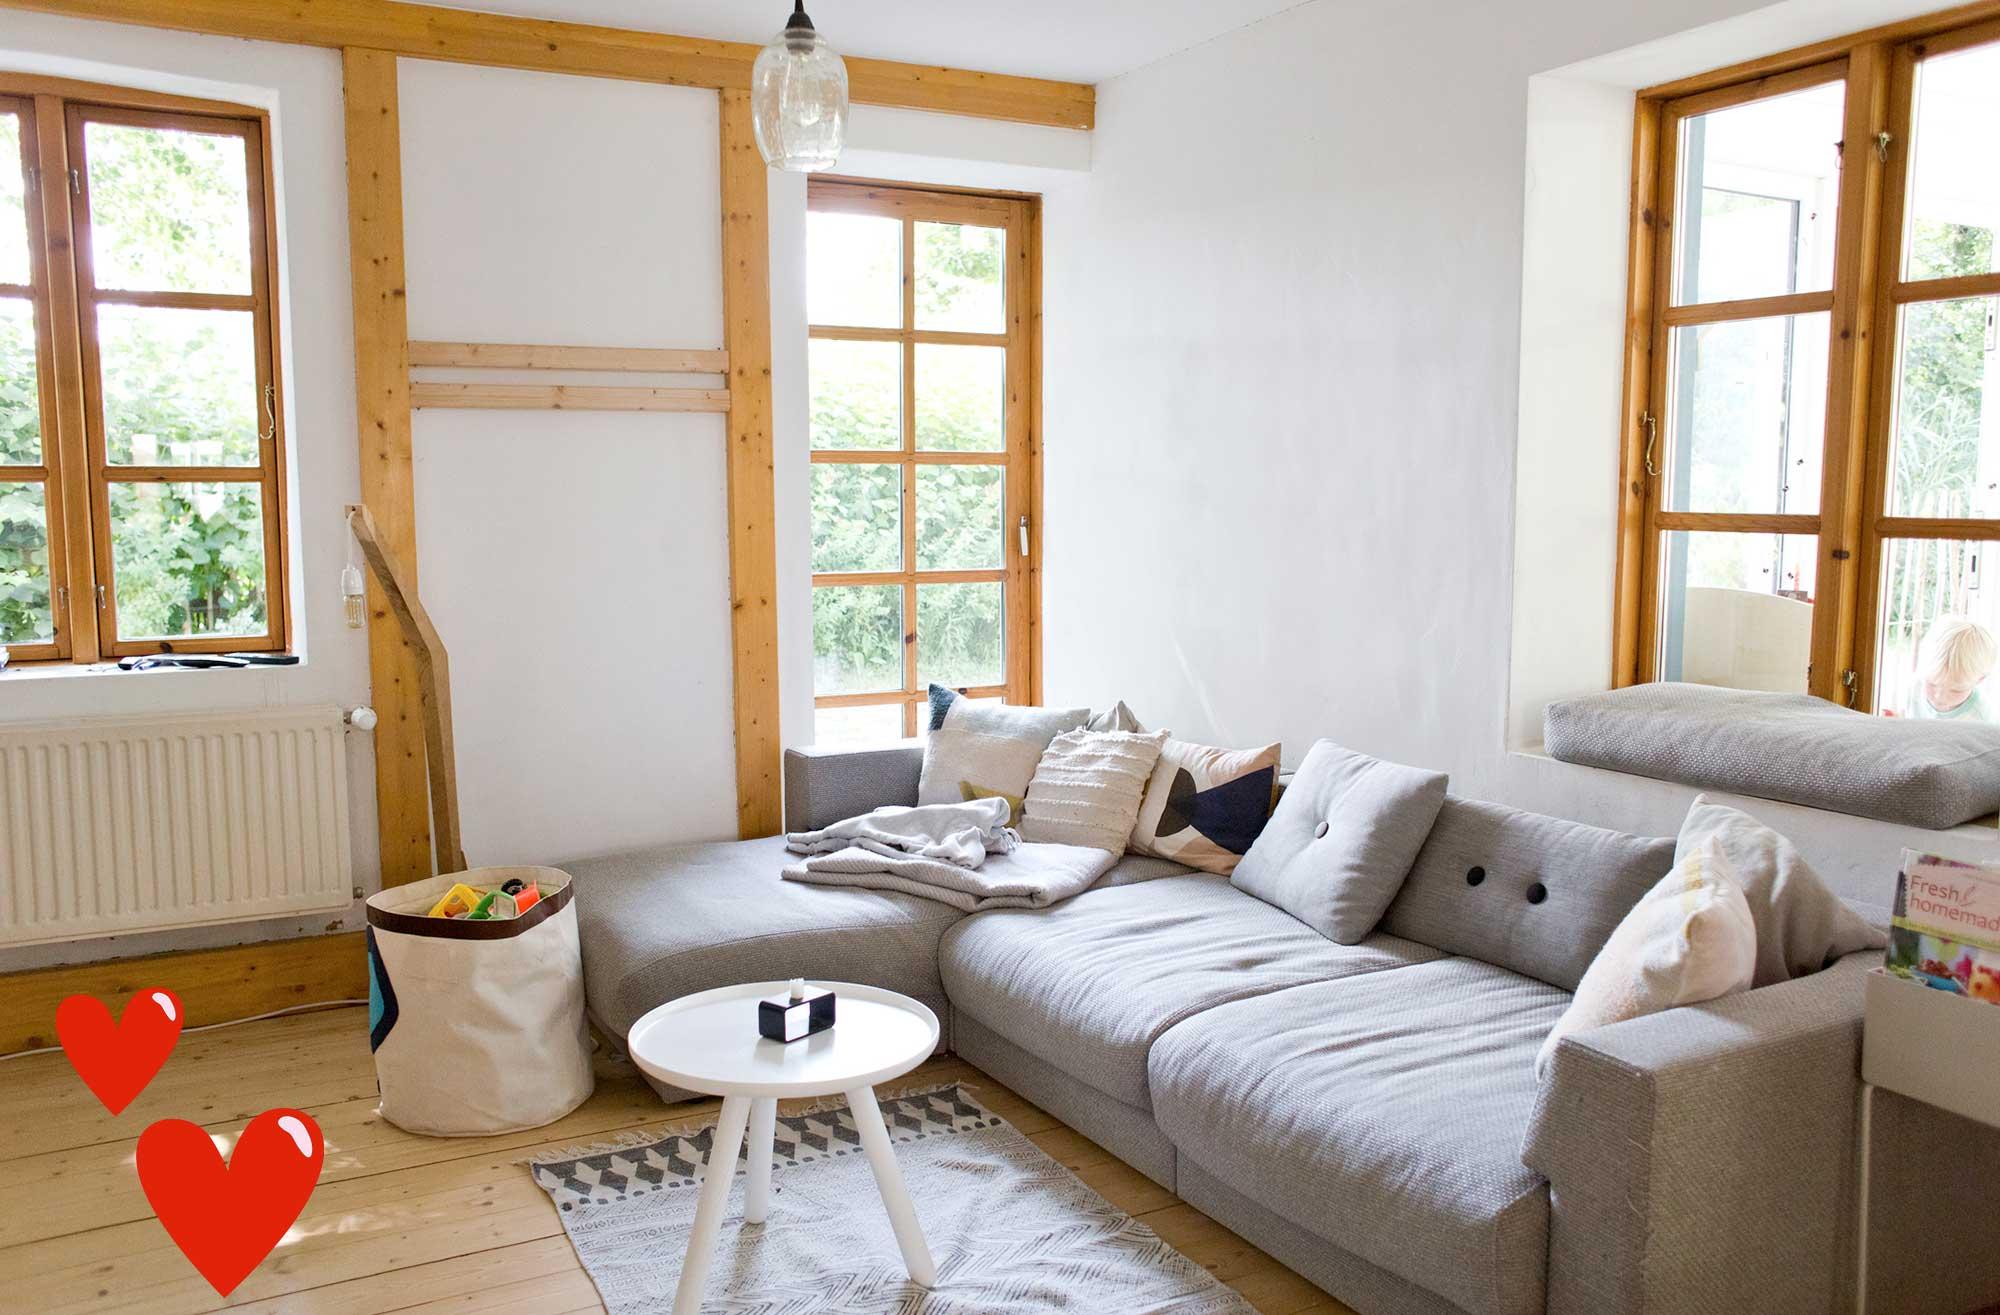 Einrichtung-skandinavisch-Wohnzimmer